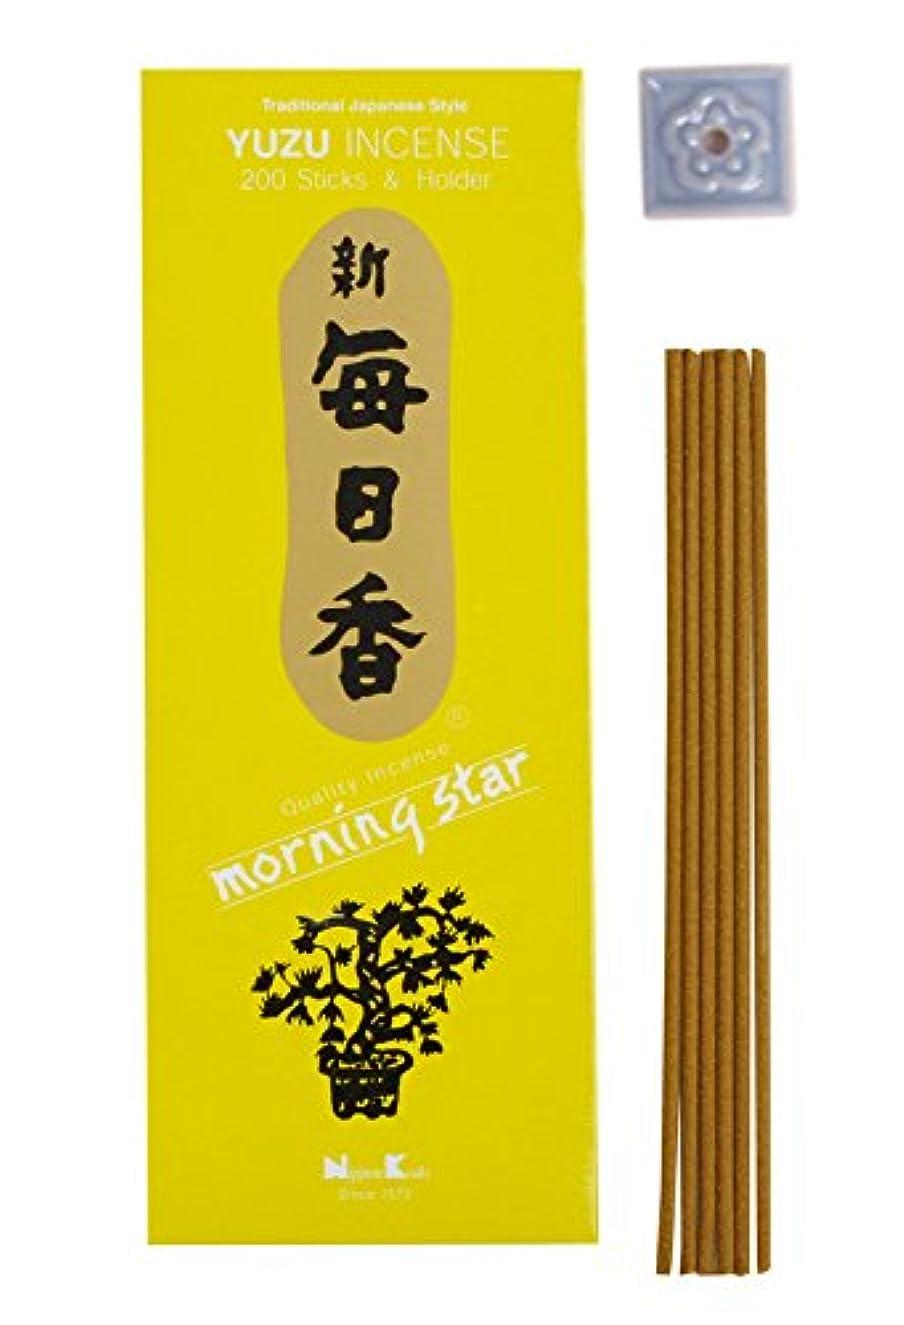 競合他社選手空中設計図Morning Star – Yuzu 200 Sticks